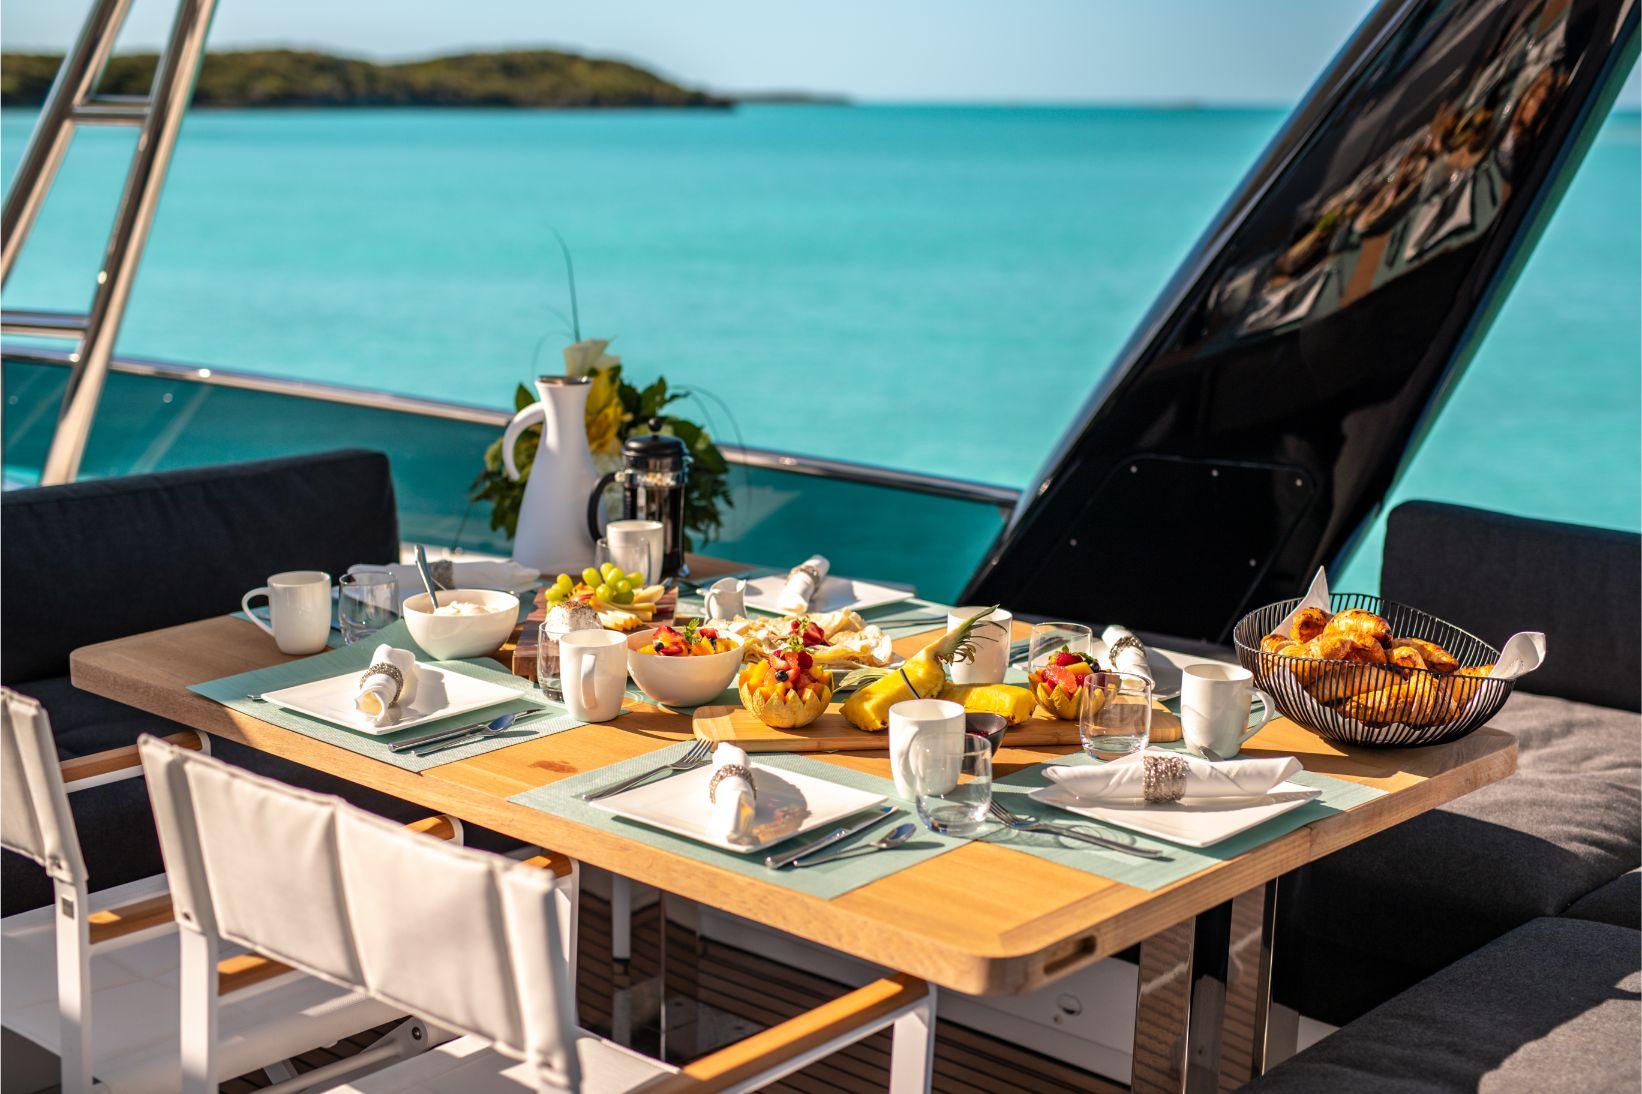 Déjeuner gastronomique avec vue incroyable des bahamas sur catamaran   Bateau de Marc Saulnier   Serenity Navigation